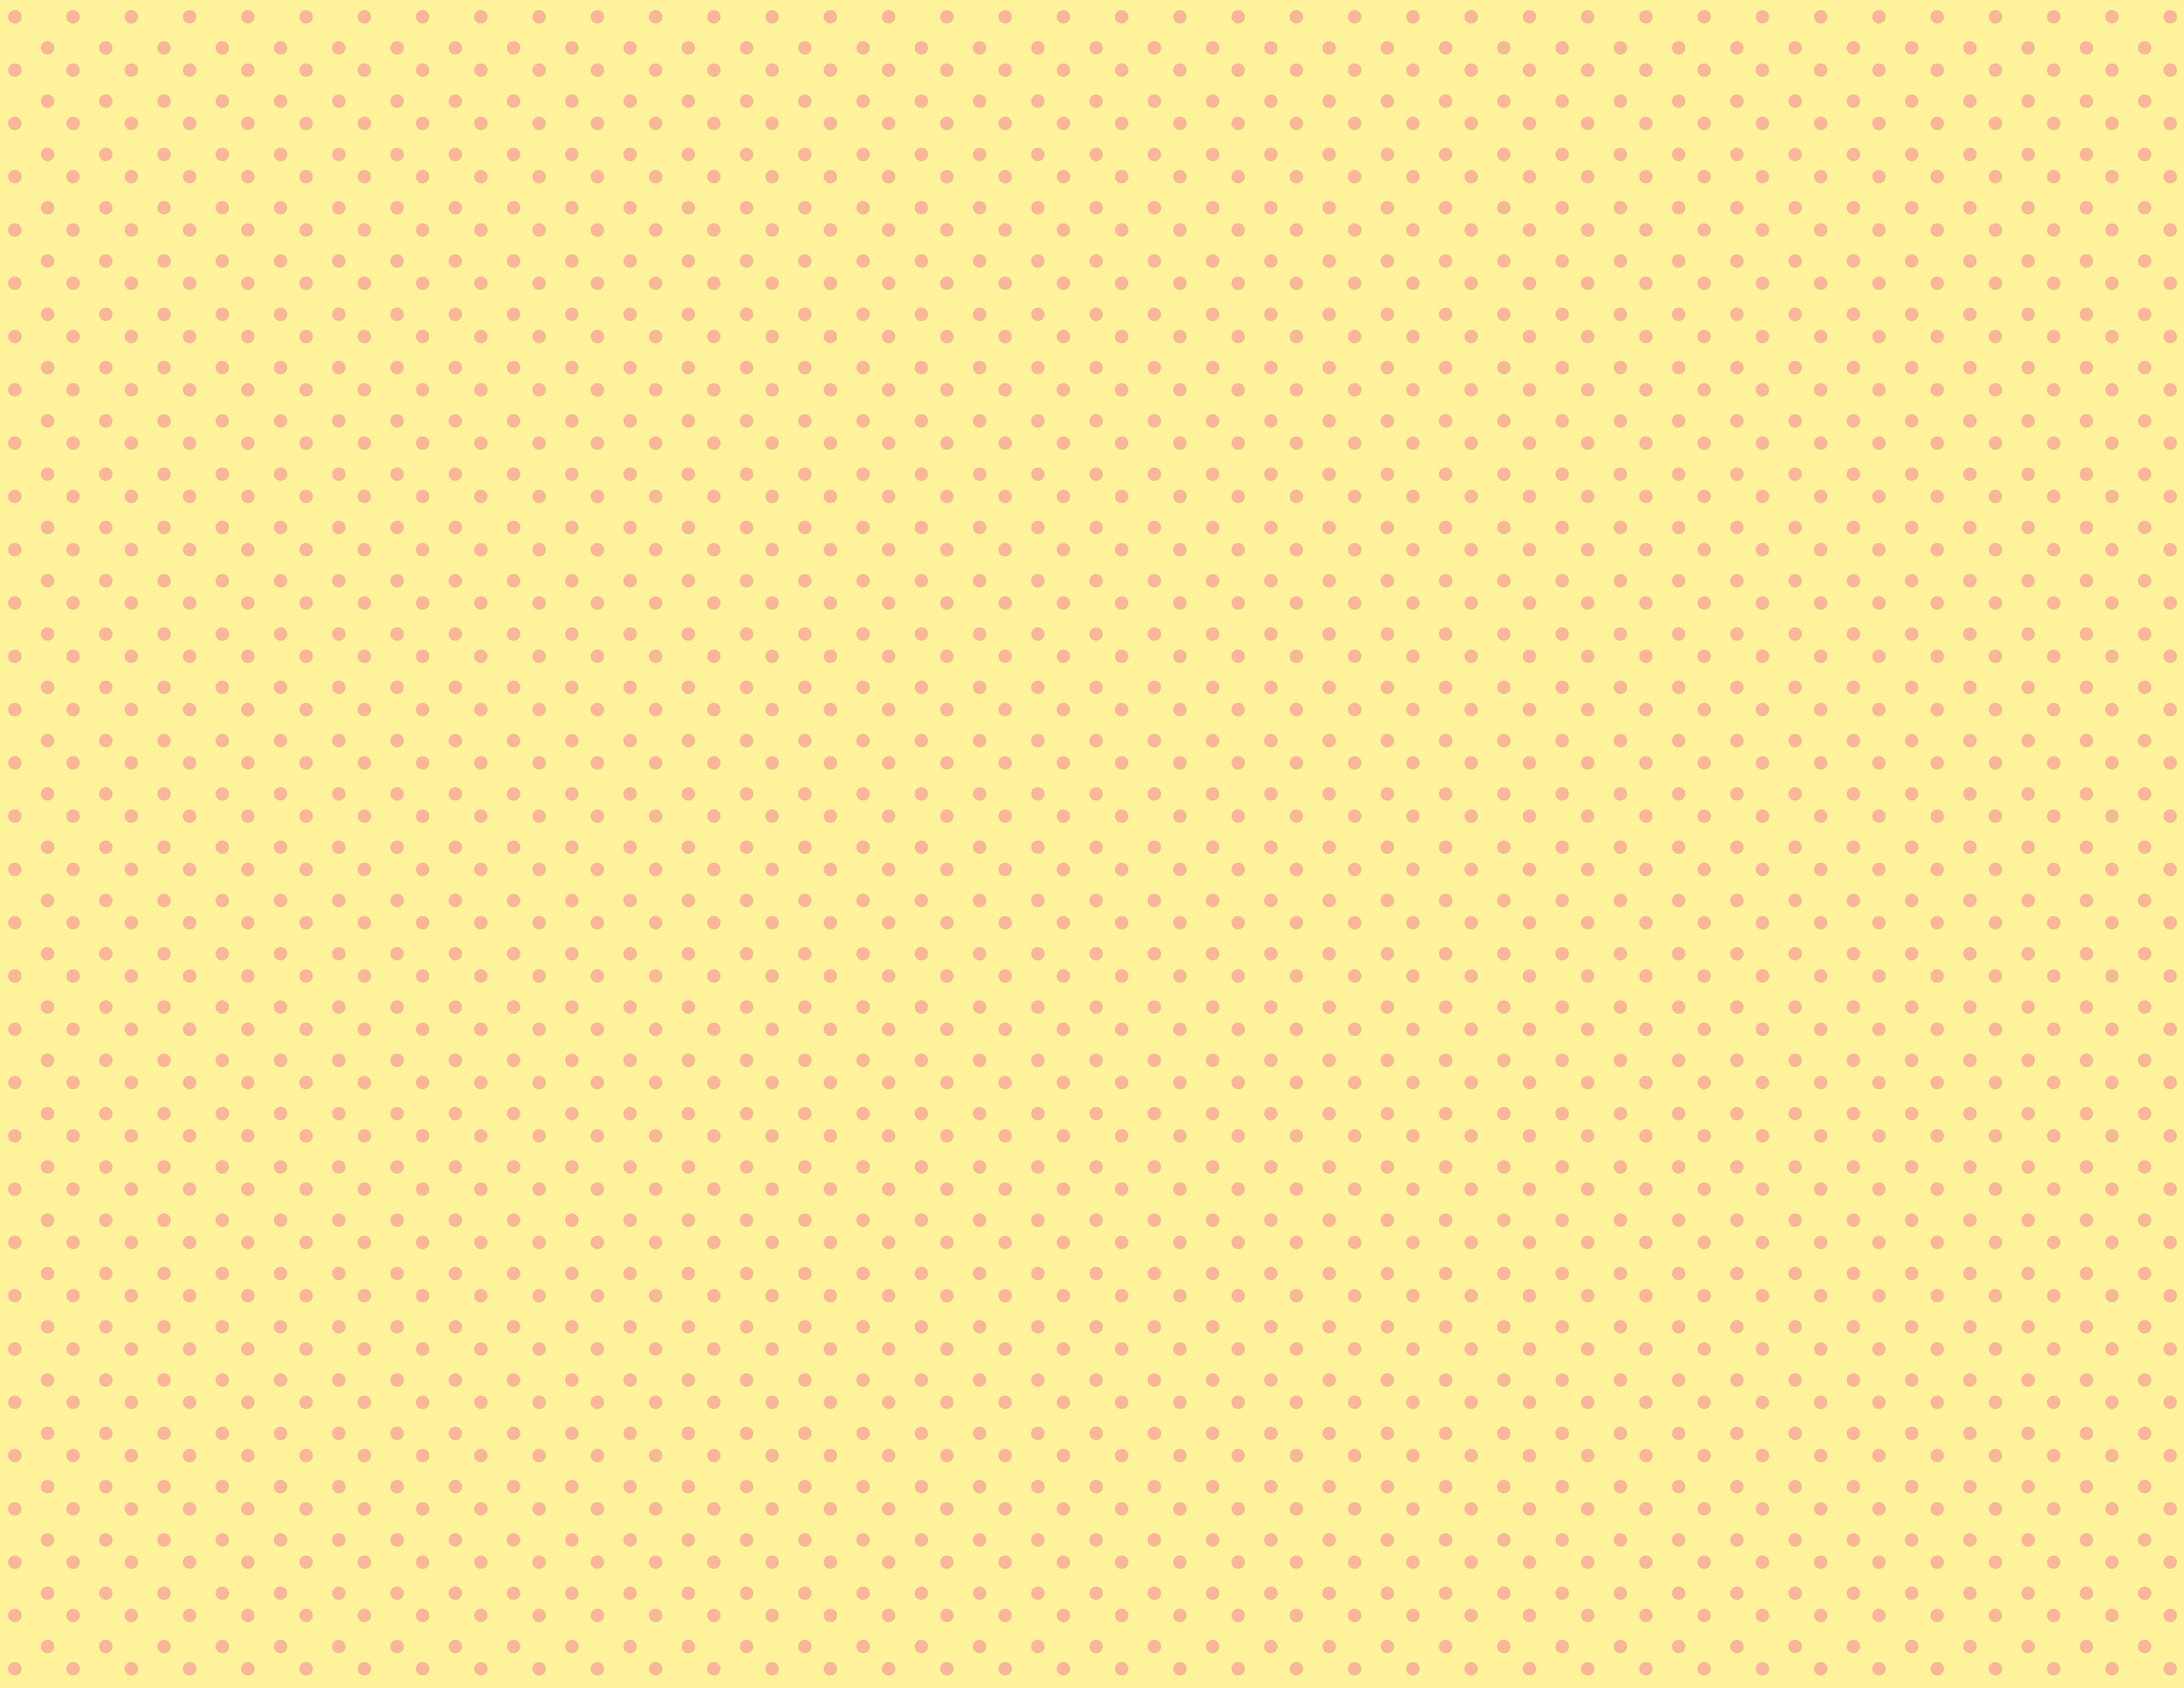 Fondo de lunares amarillo dominio p blico de fotograf as for Fondo de pantalla lunares